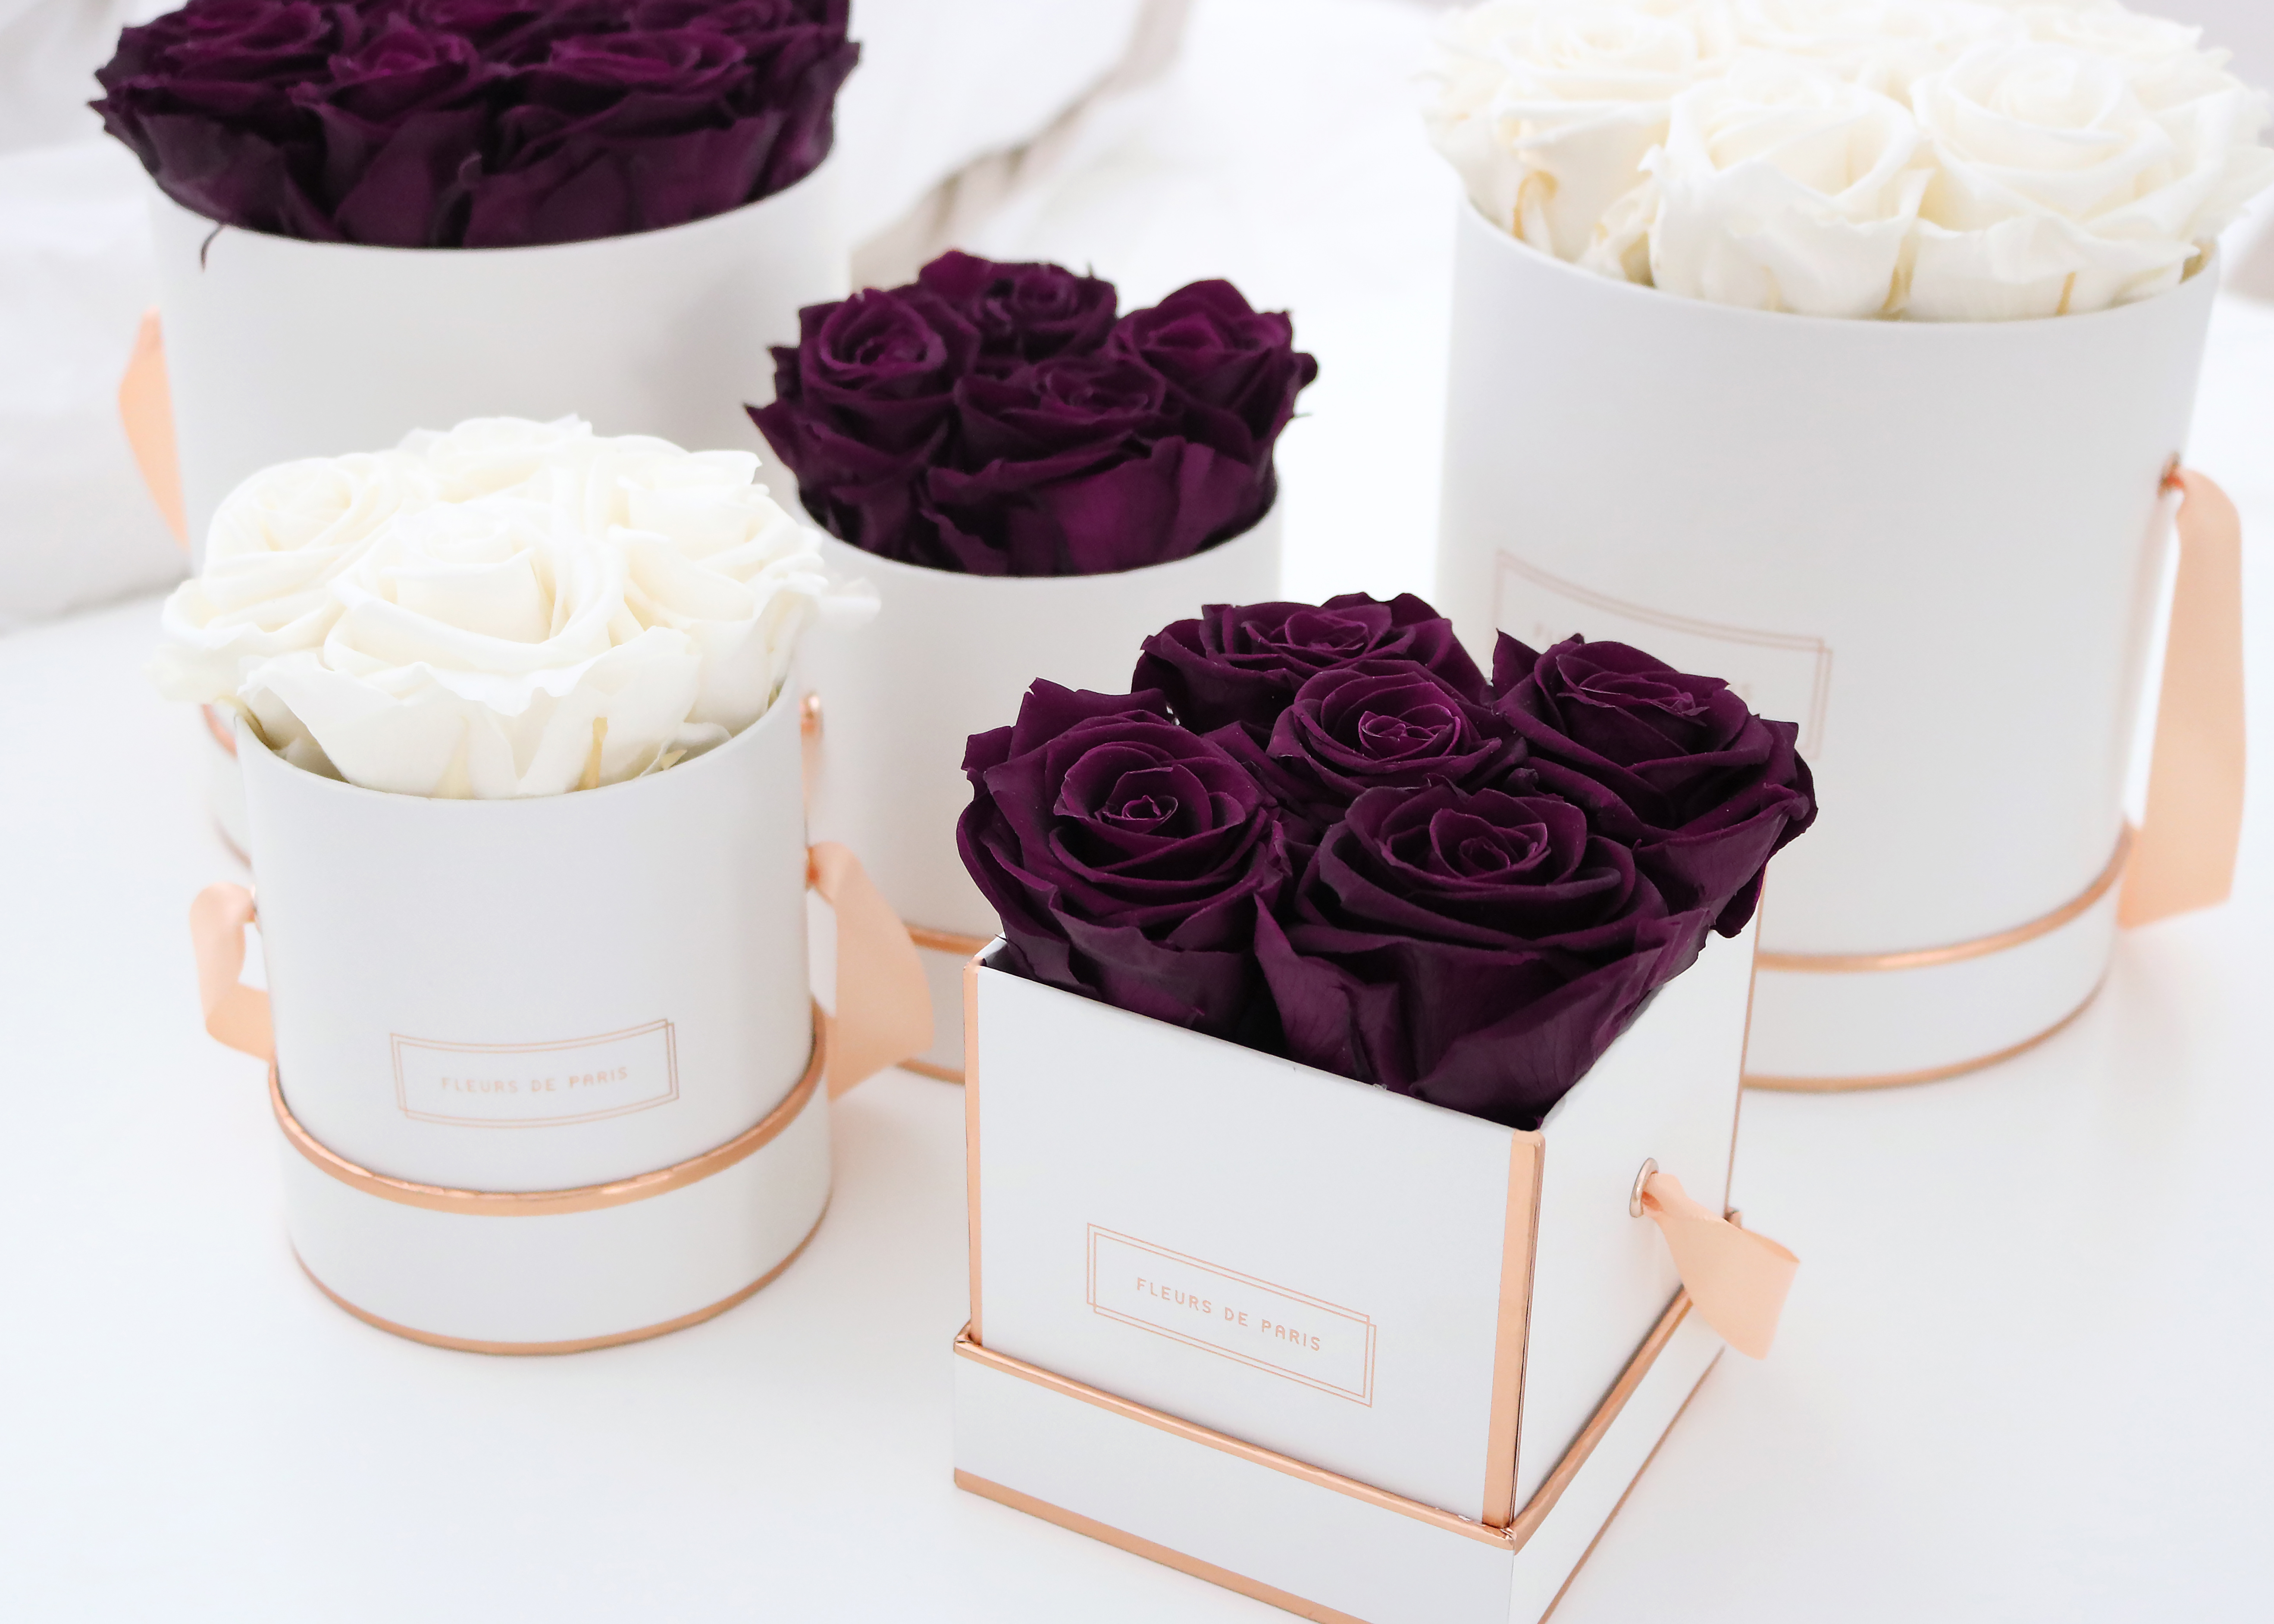 Fleur de Paris: Behind the roses - oder wie sich shiploud ...